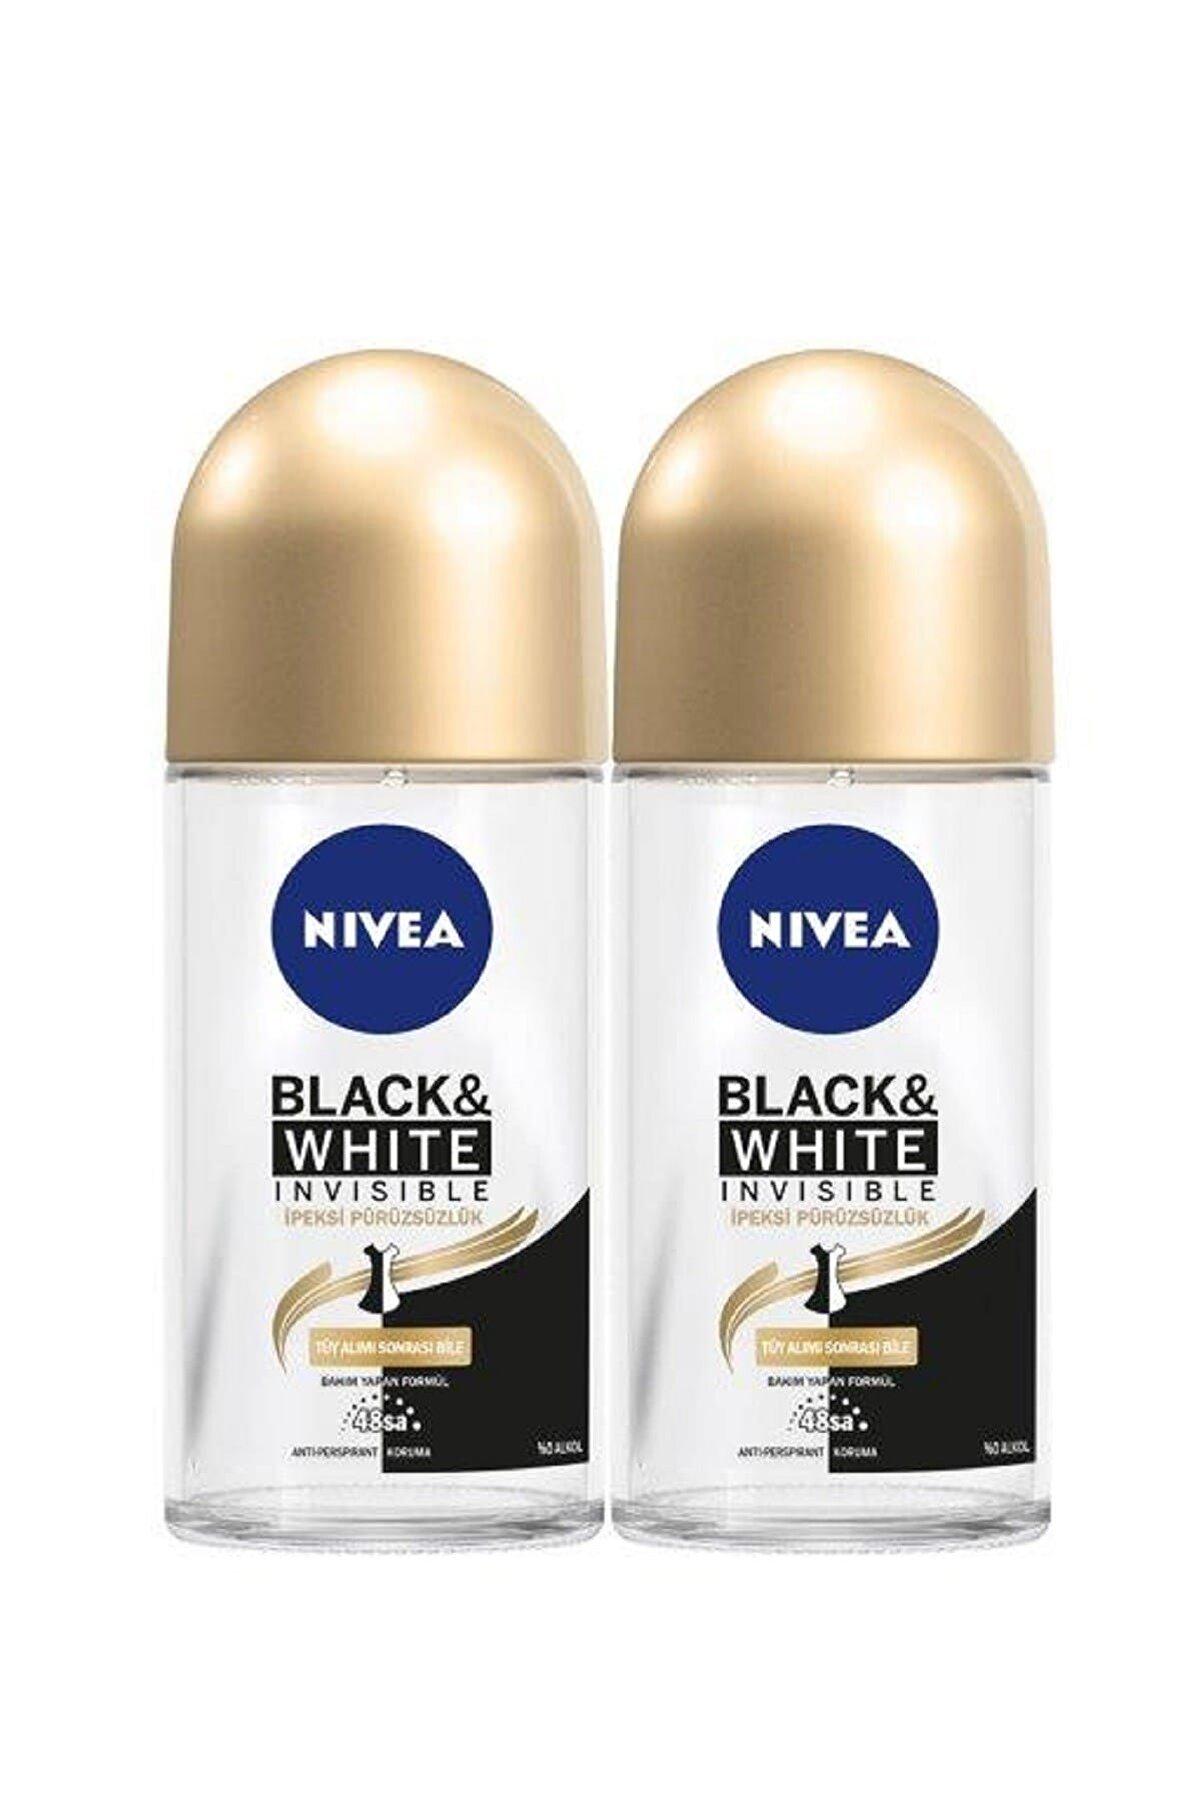 Nivea Black & White İpeksi Pürüzsüzlük Roll On 50 ml x 2